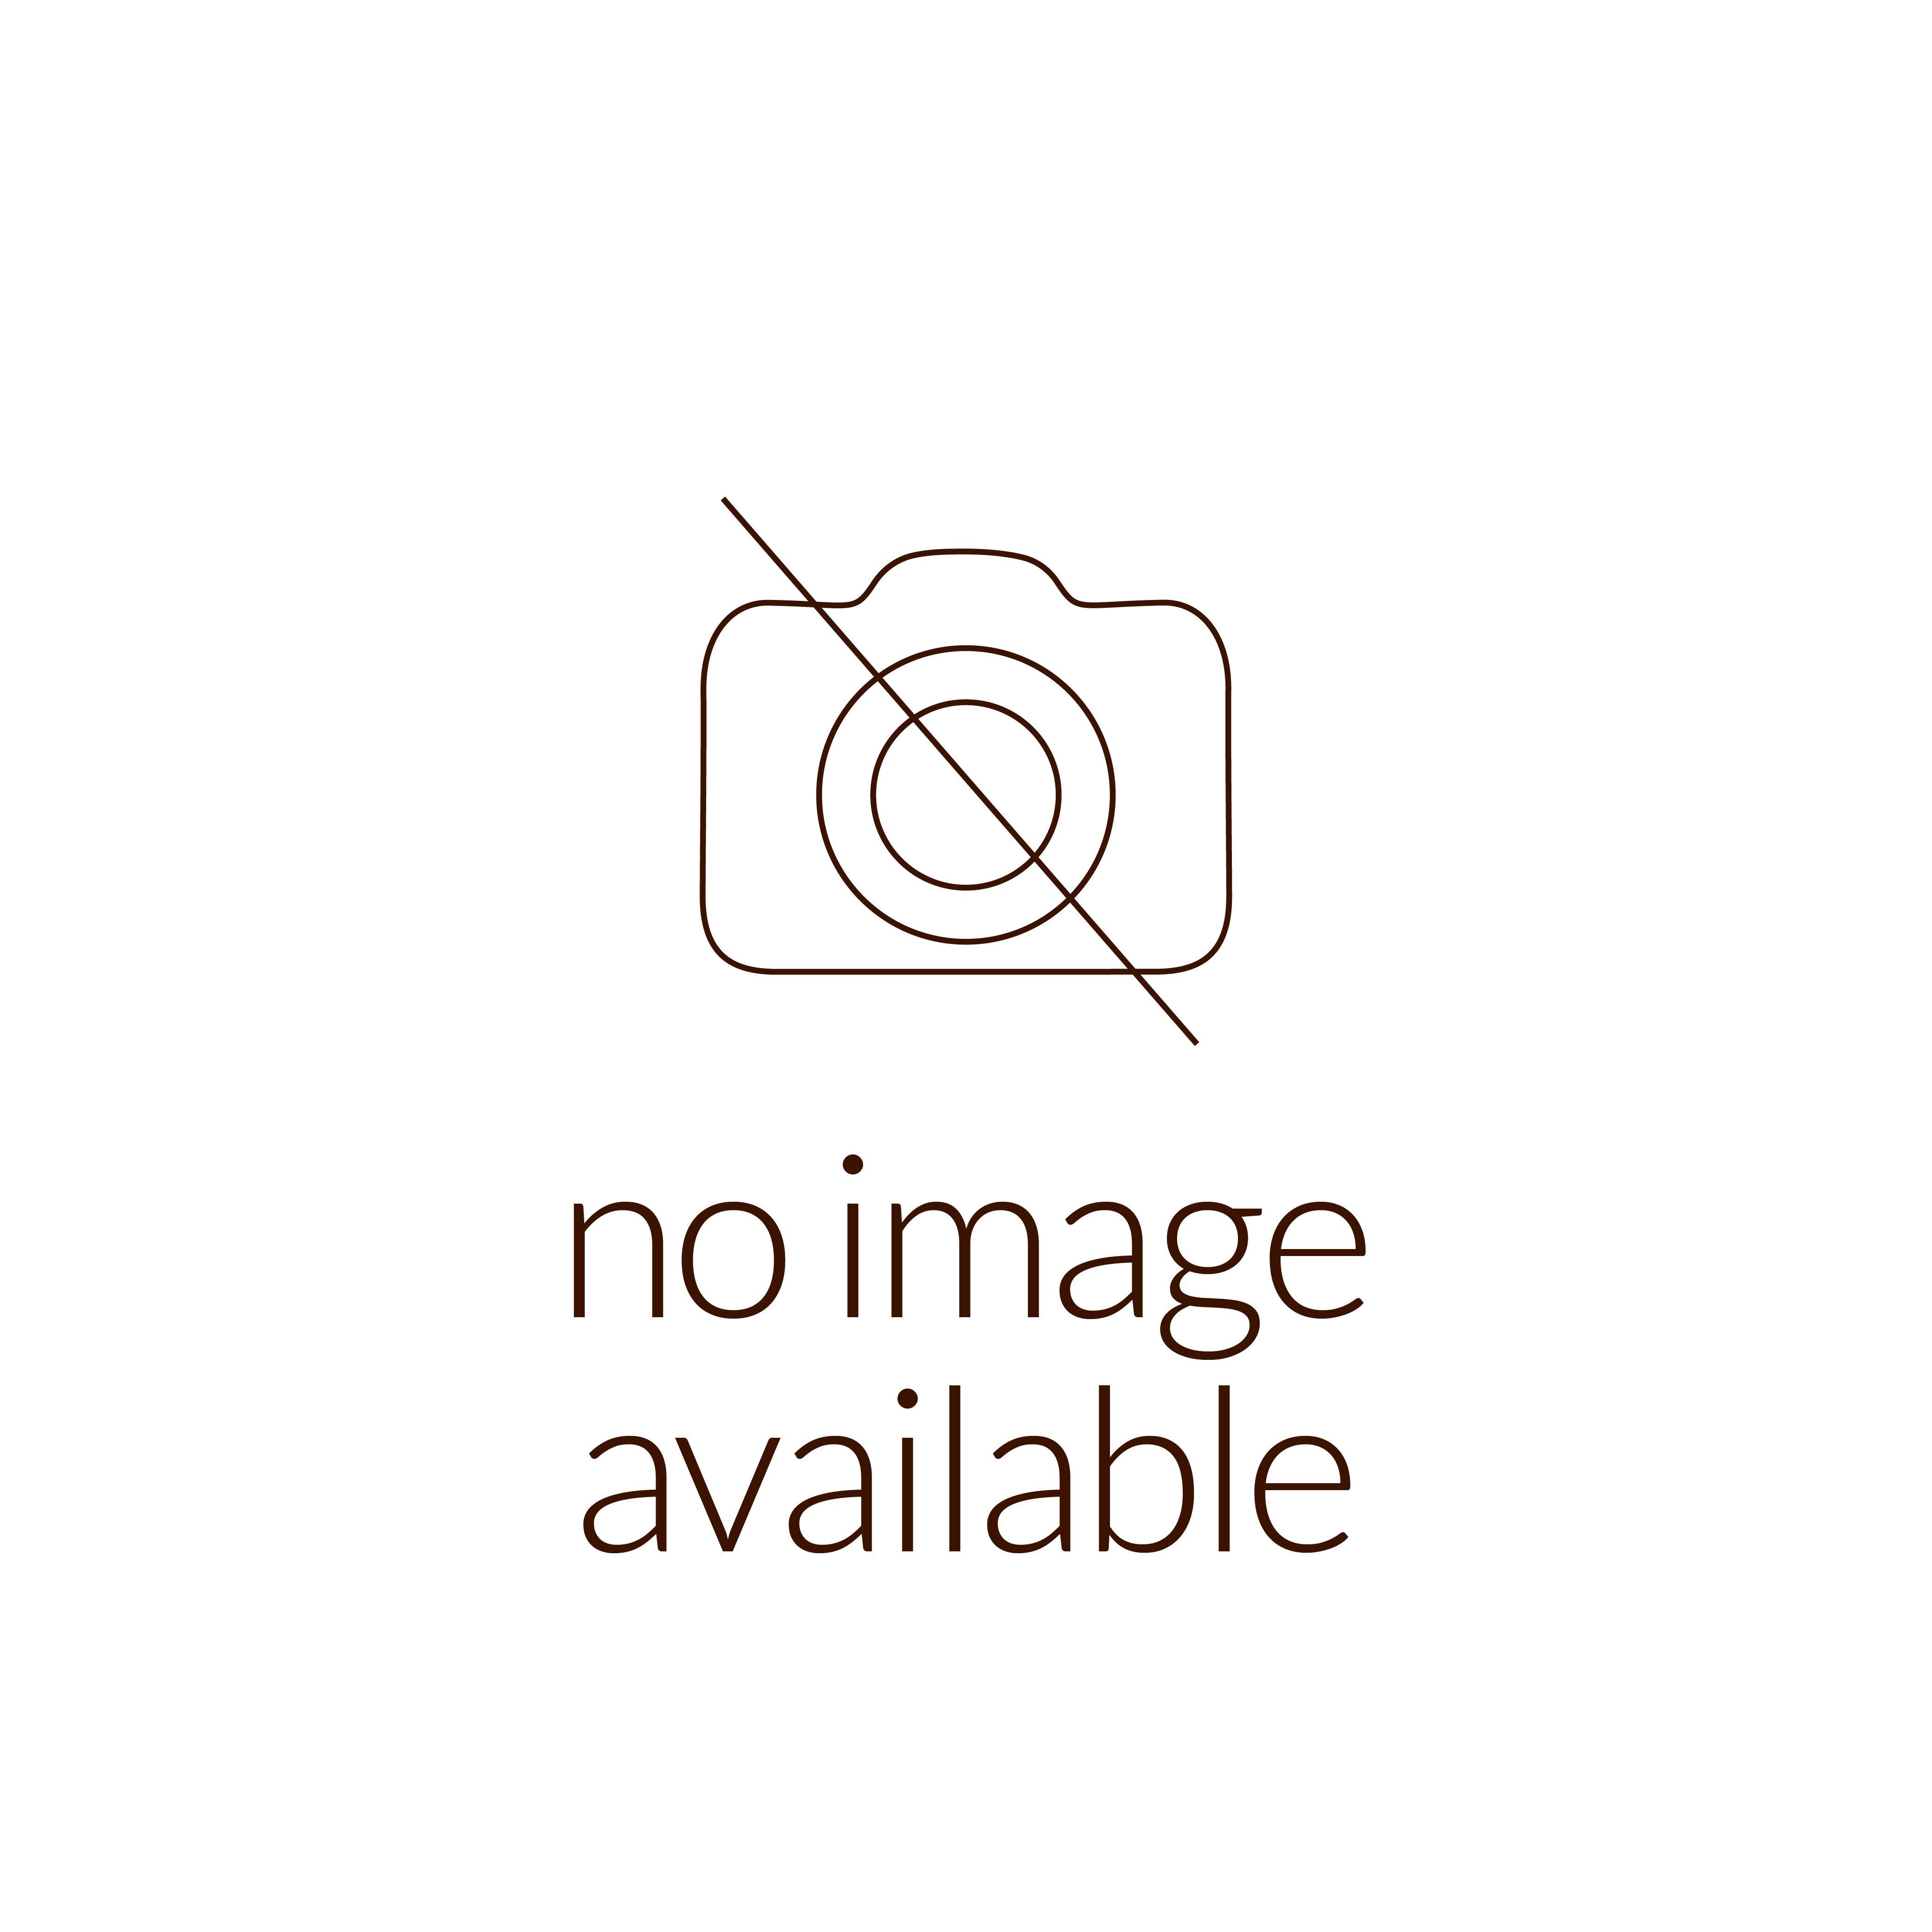 זהב להשקעה, מטיל זהב טהור, 1 אונקיה - צד הנושא